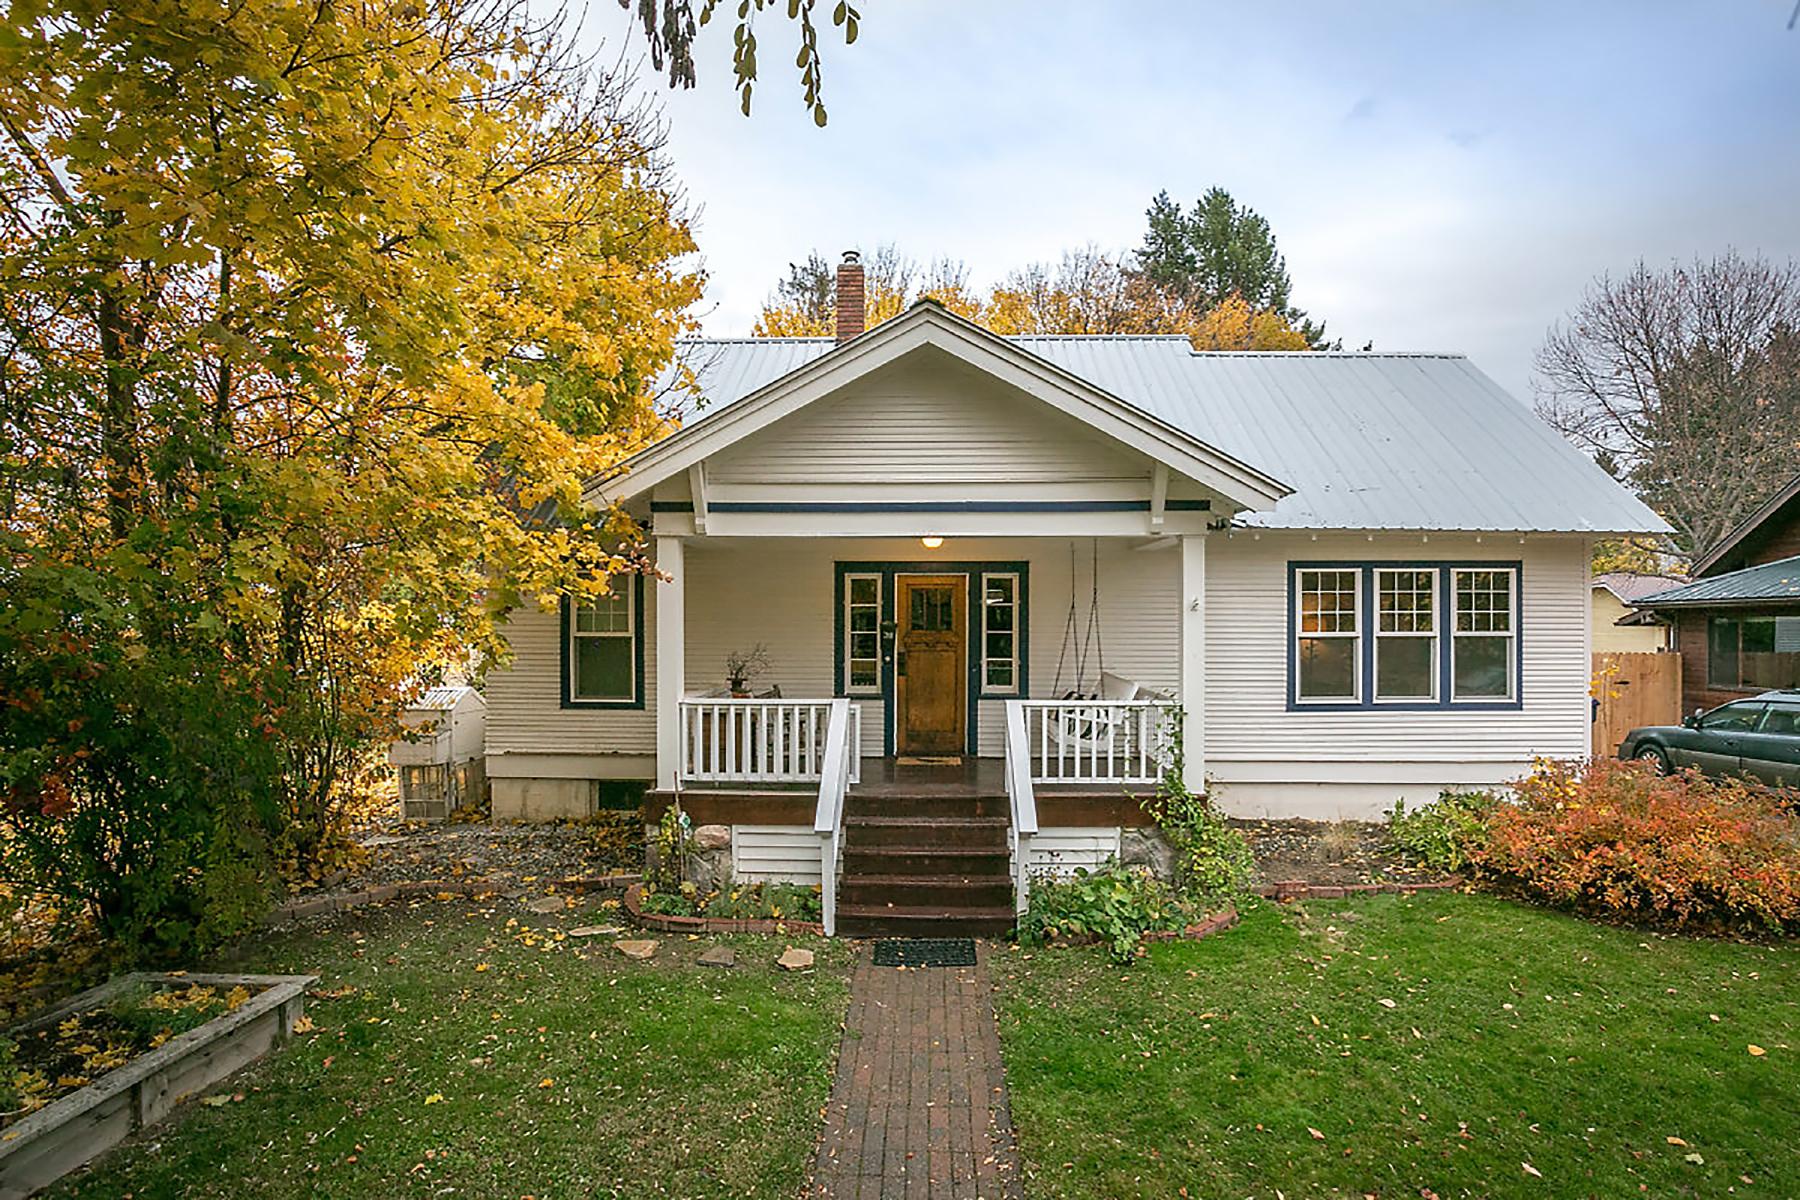 一戸建て のために 売買 アット Classic South Sandpoint Bungalow 311 Huron, Sandpoint, アイダホ, 83864 アメリカ合衆国